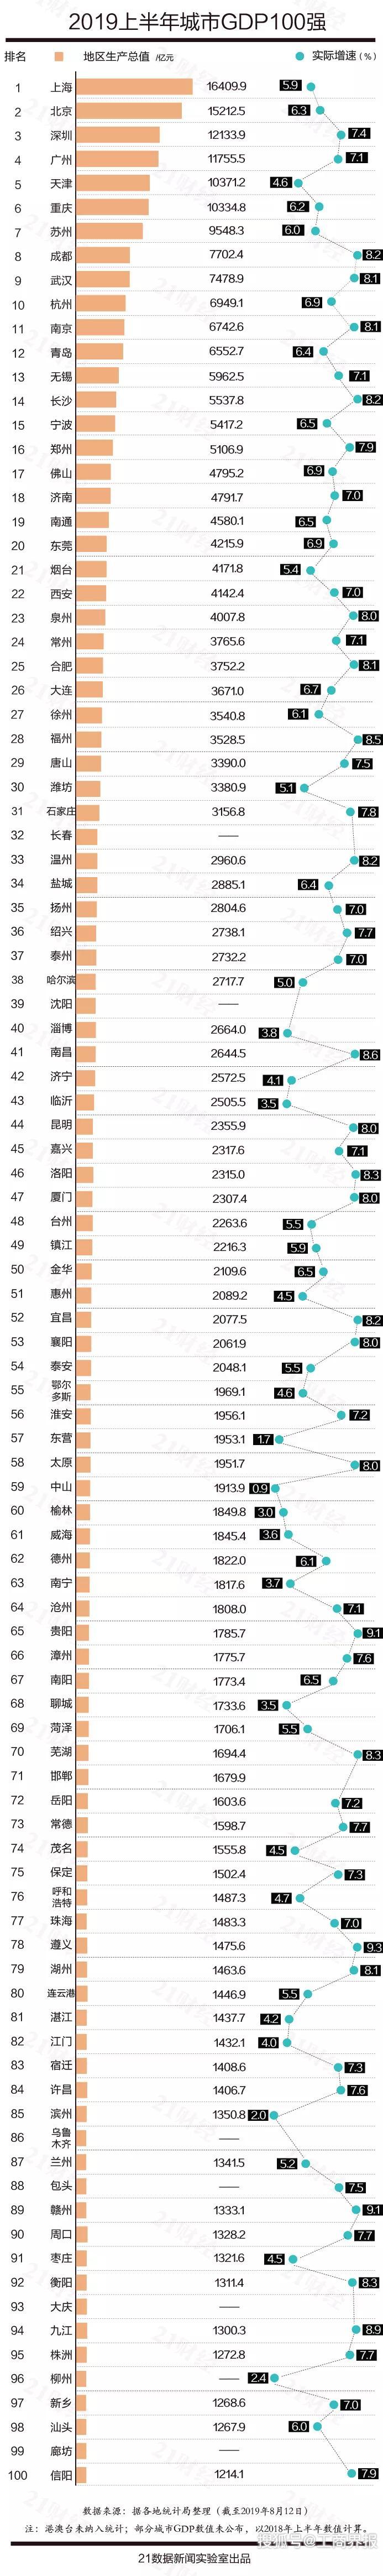 包头市gdp_内蒙古包头18年GDP次于鄂尔多斯,19年全市经济怎么样呢?